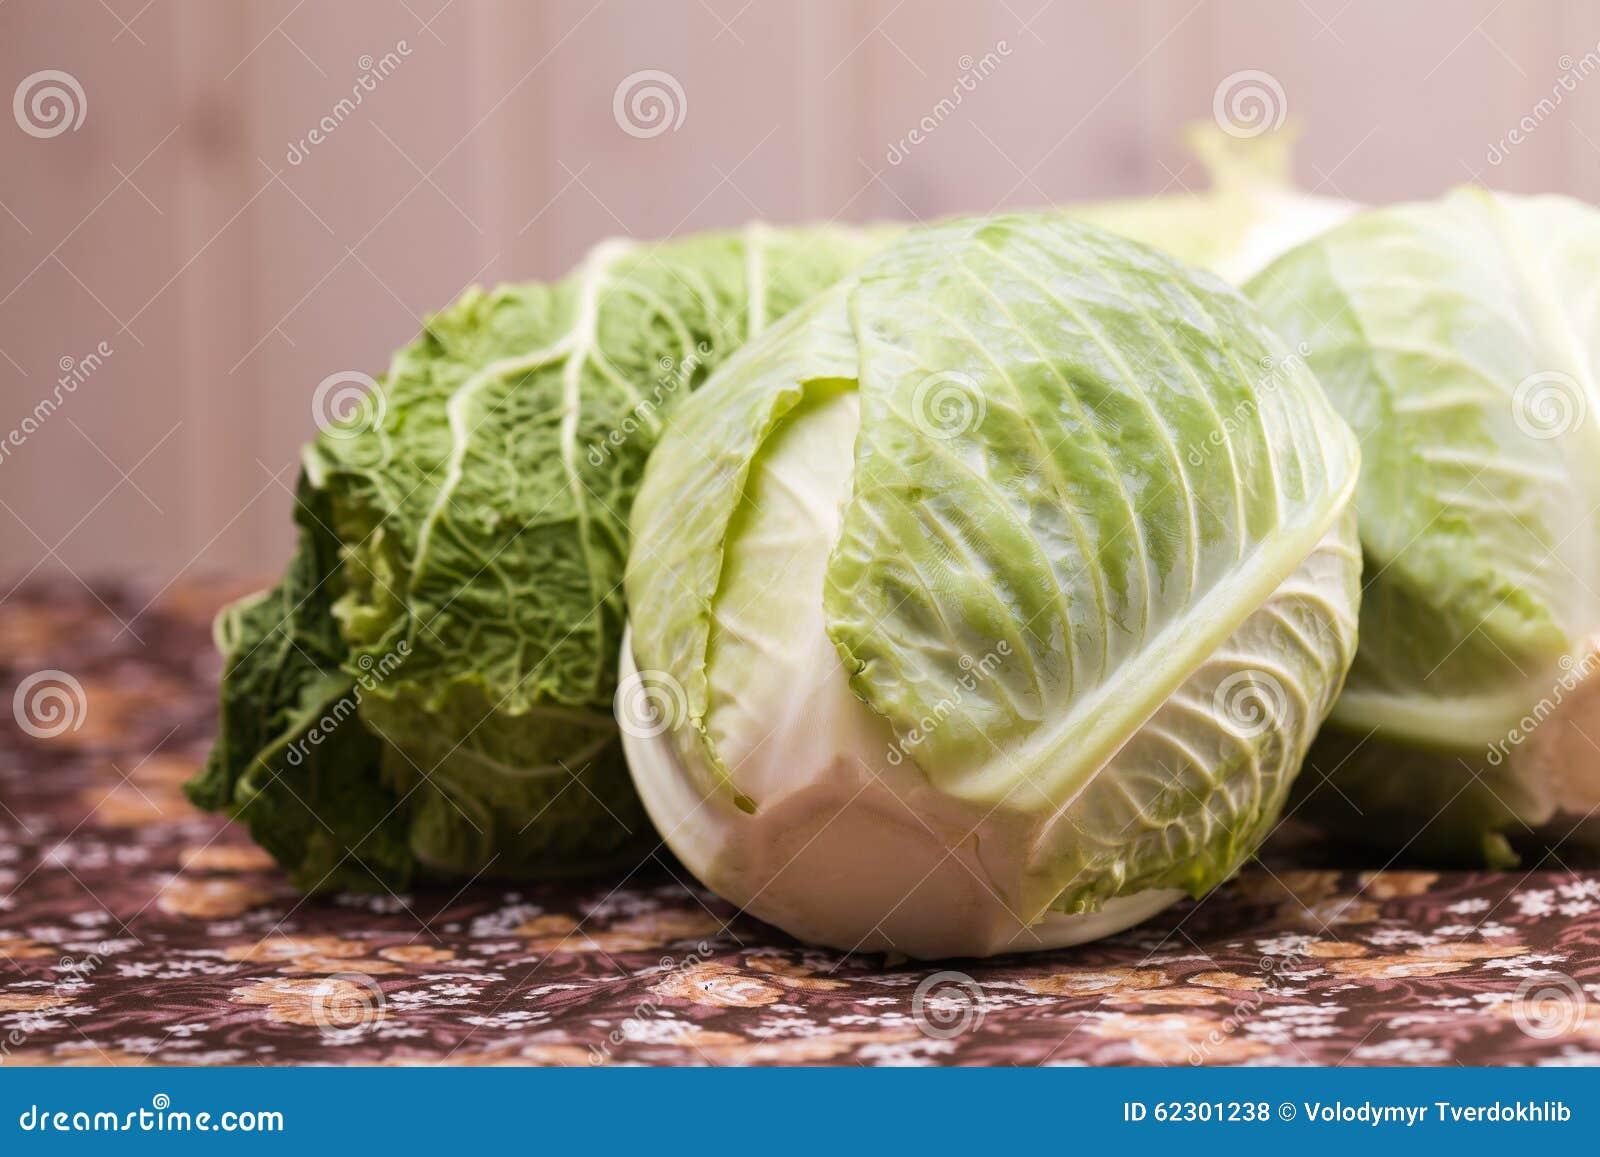 Очень вкусная свежая капуста